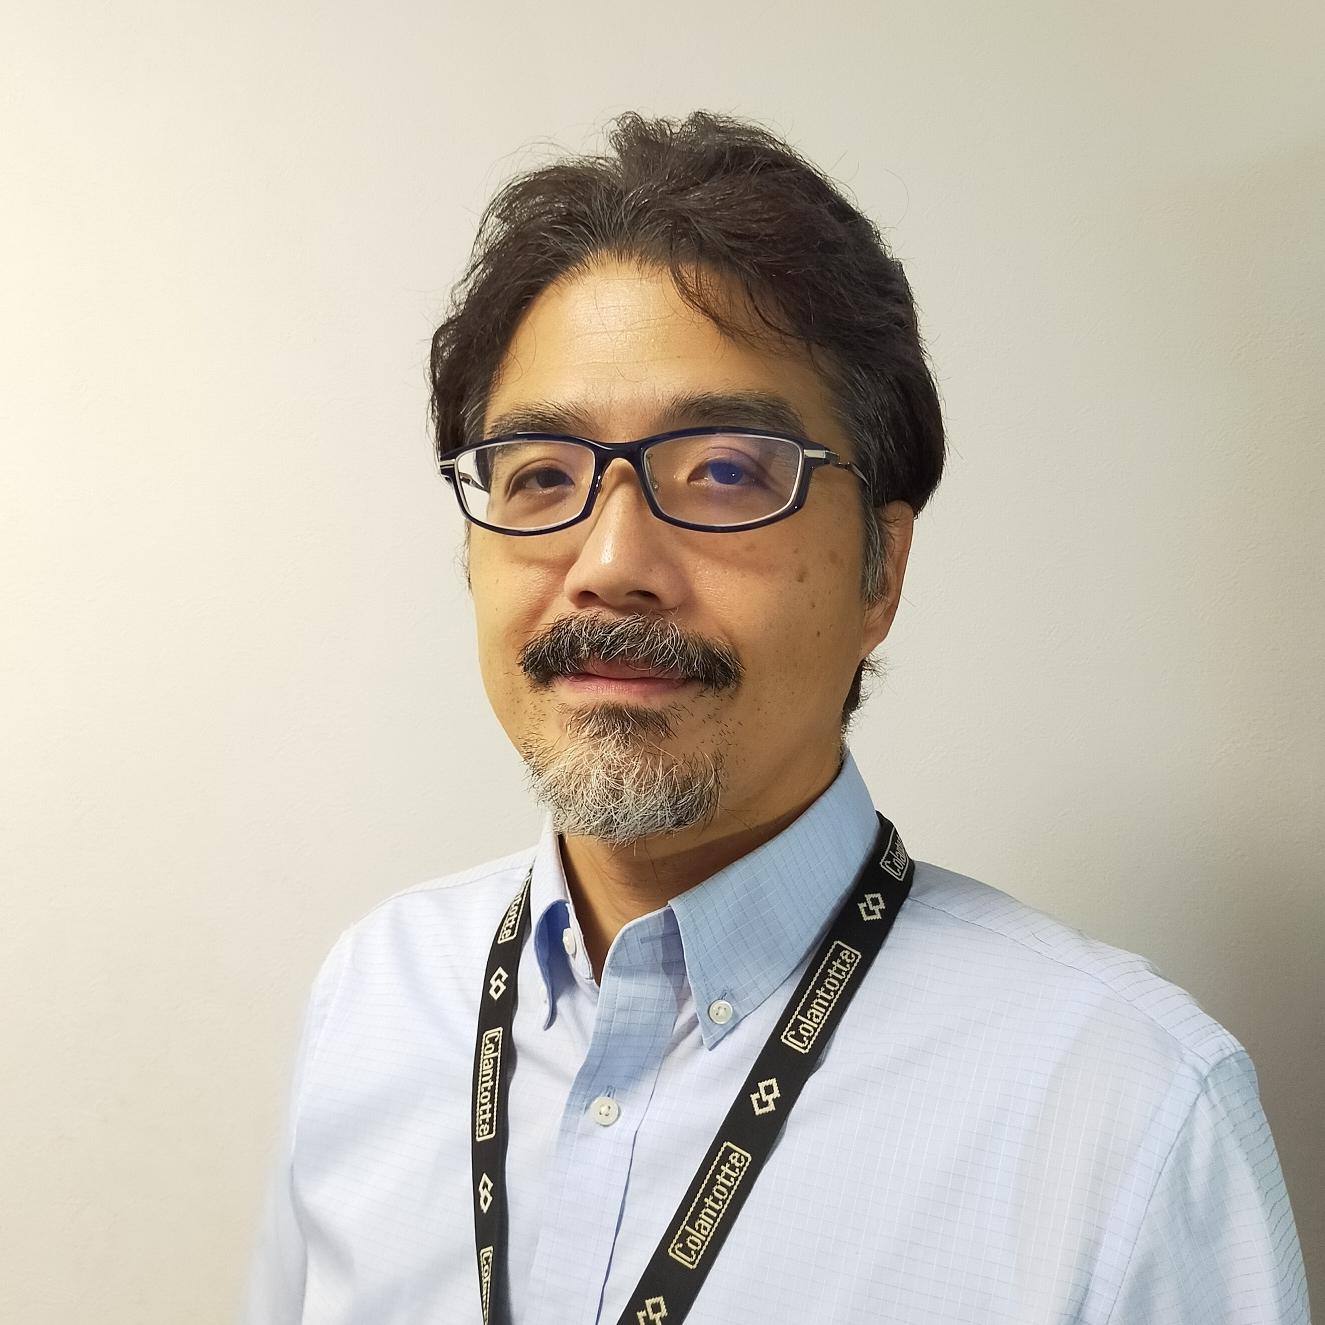 京セラドキュメントソリューションズ株式会社 田中 邦彦氏